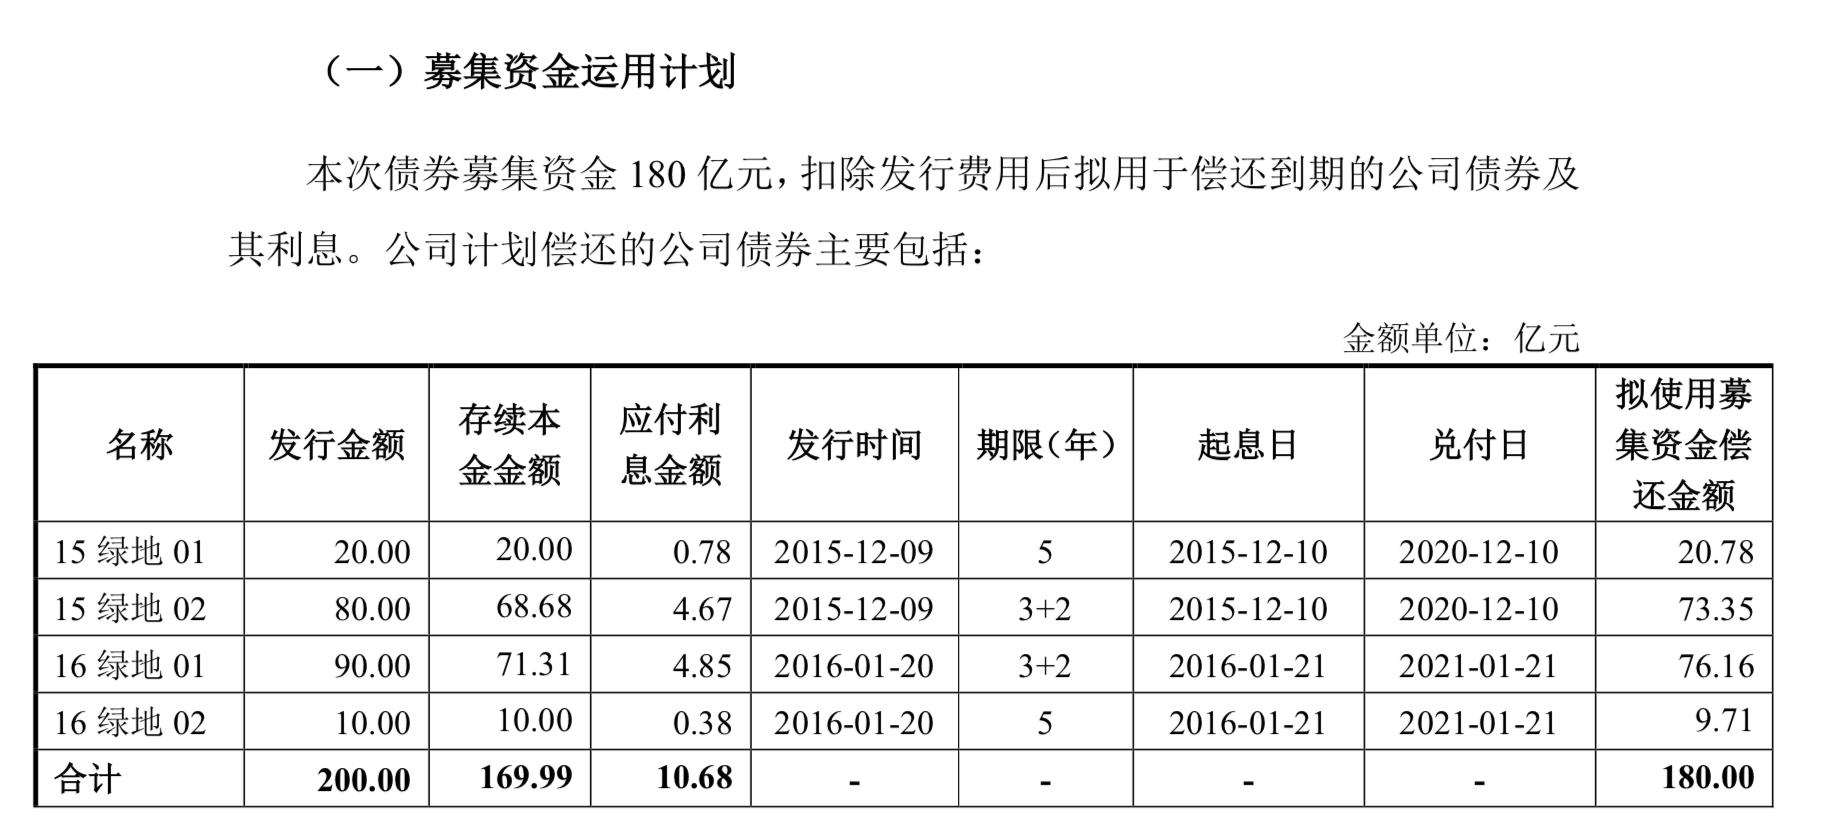 一年内到期有息债958亿元,绿地集团拟发行180亿公司债